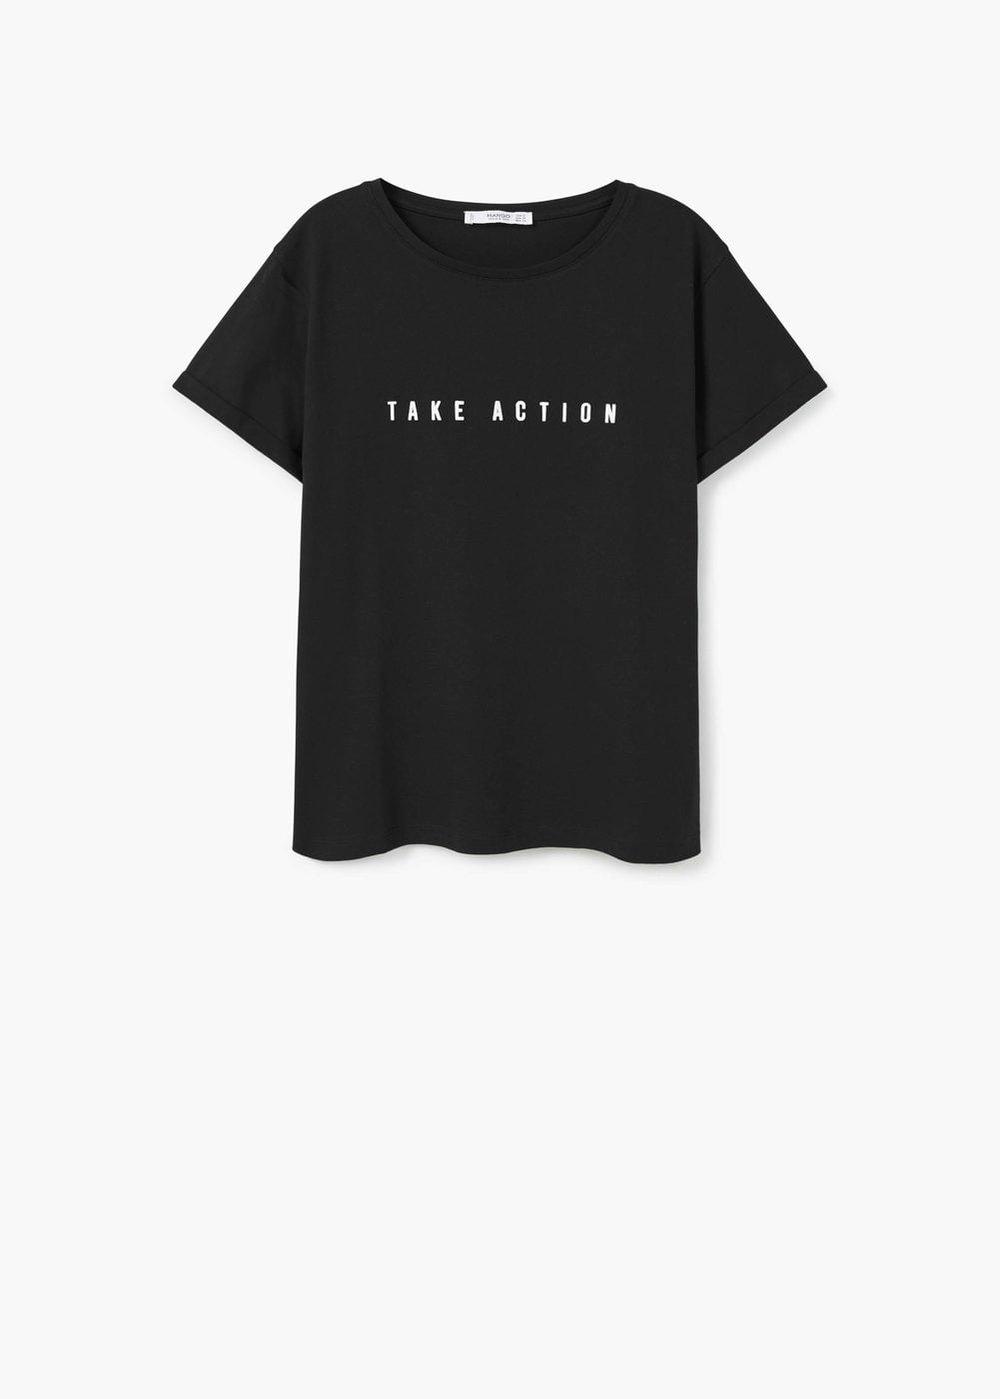 T-shirt-algodão-mensagem-799€-.jpg